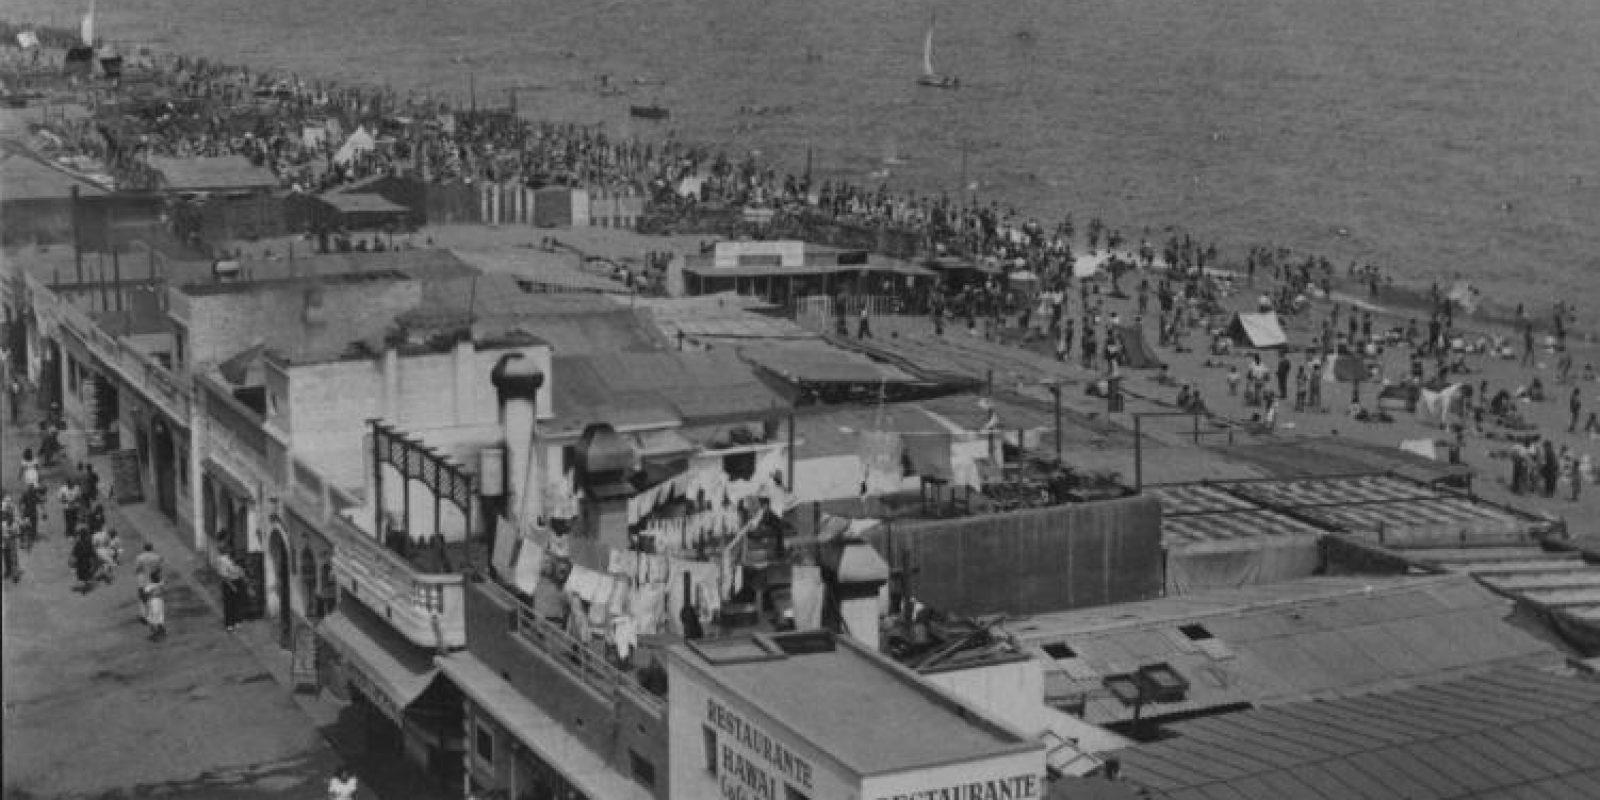 Alguns dels xiringuitos que hi ha havia a la Barceloneta entre els anys 1940 i 1992 / Arxiu fotogràfic de l'Ajuntament de Barcelona